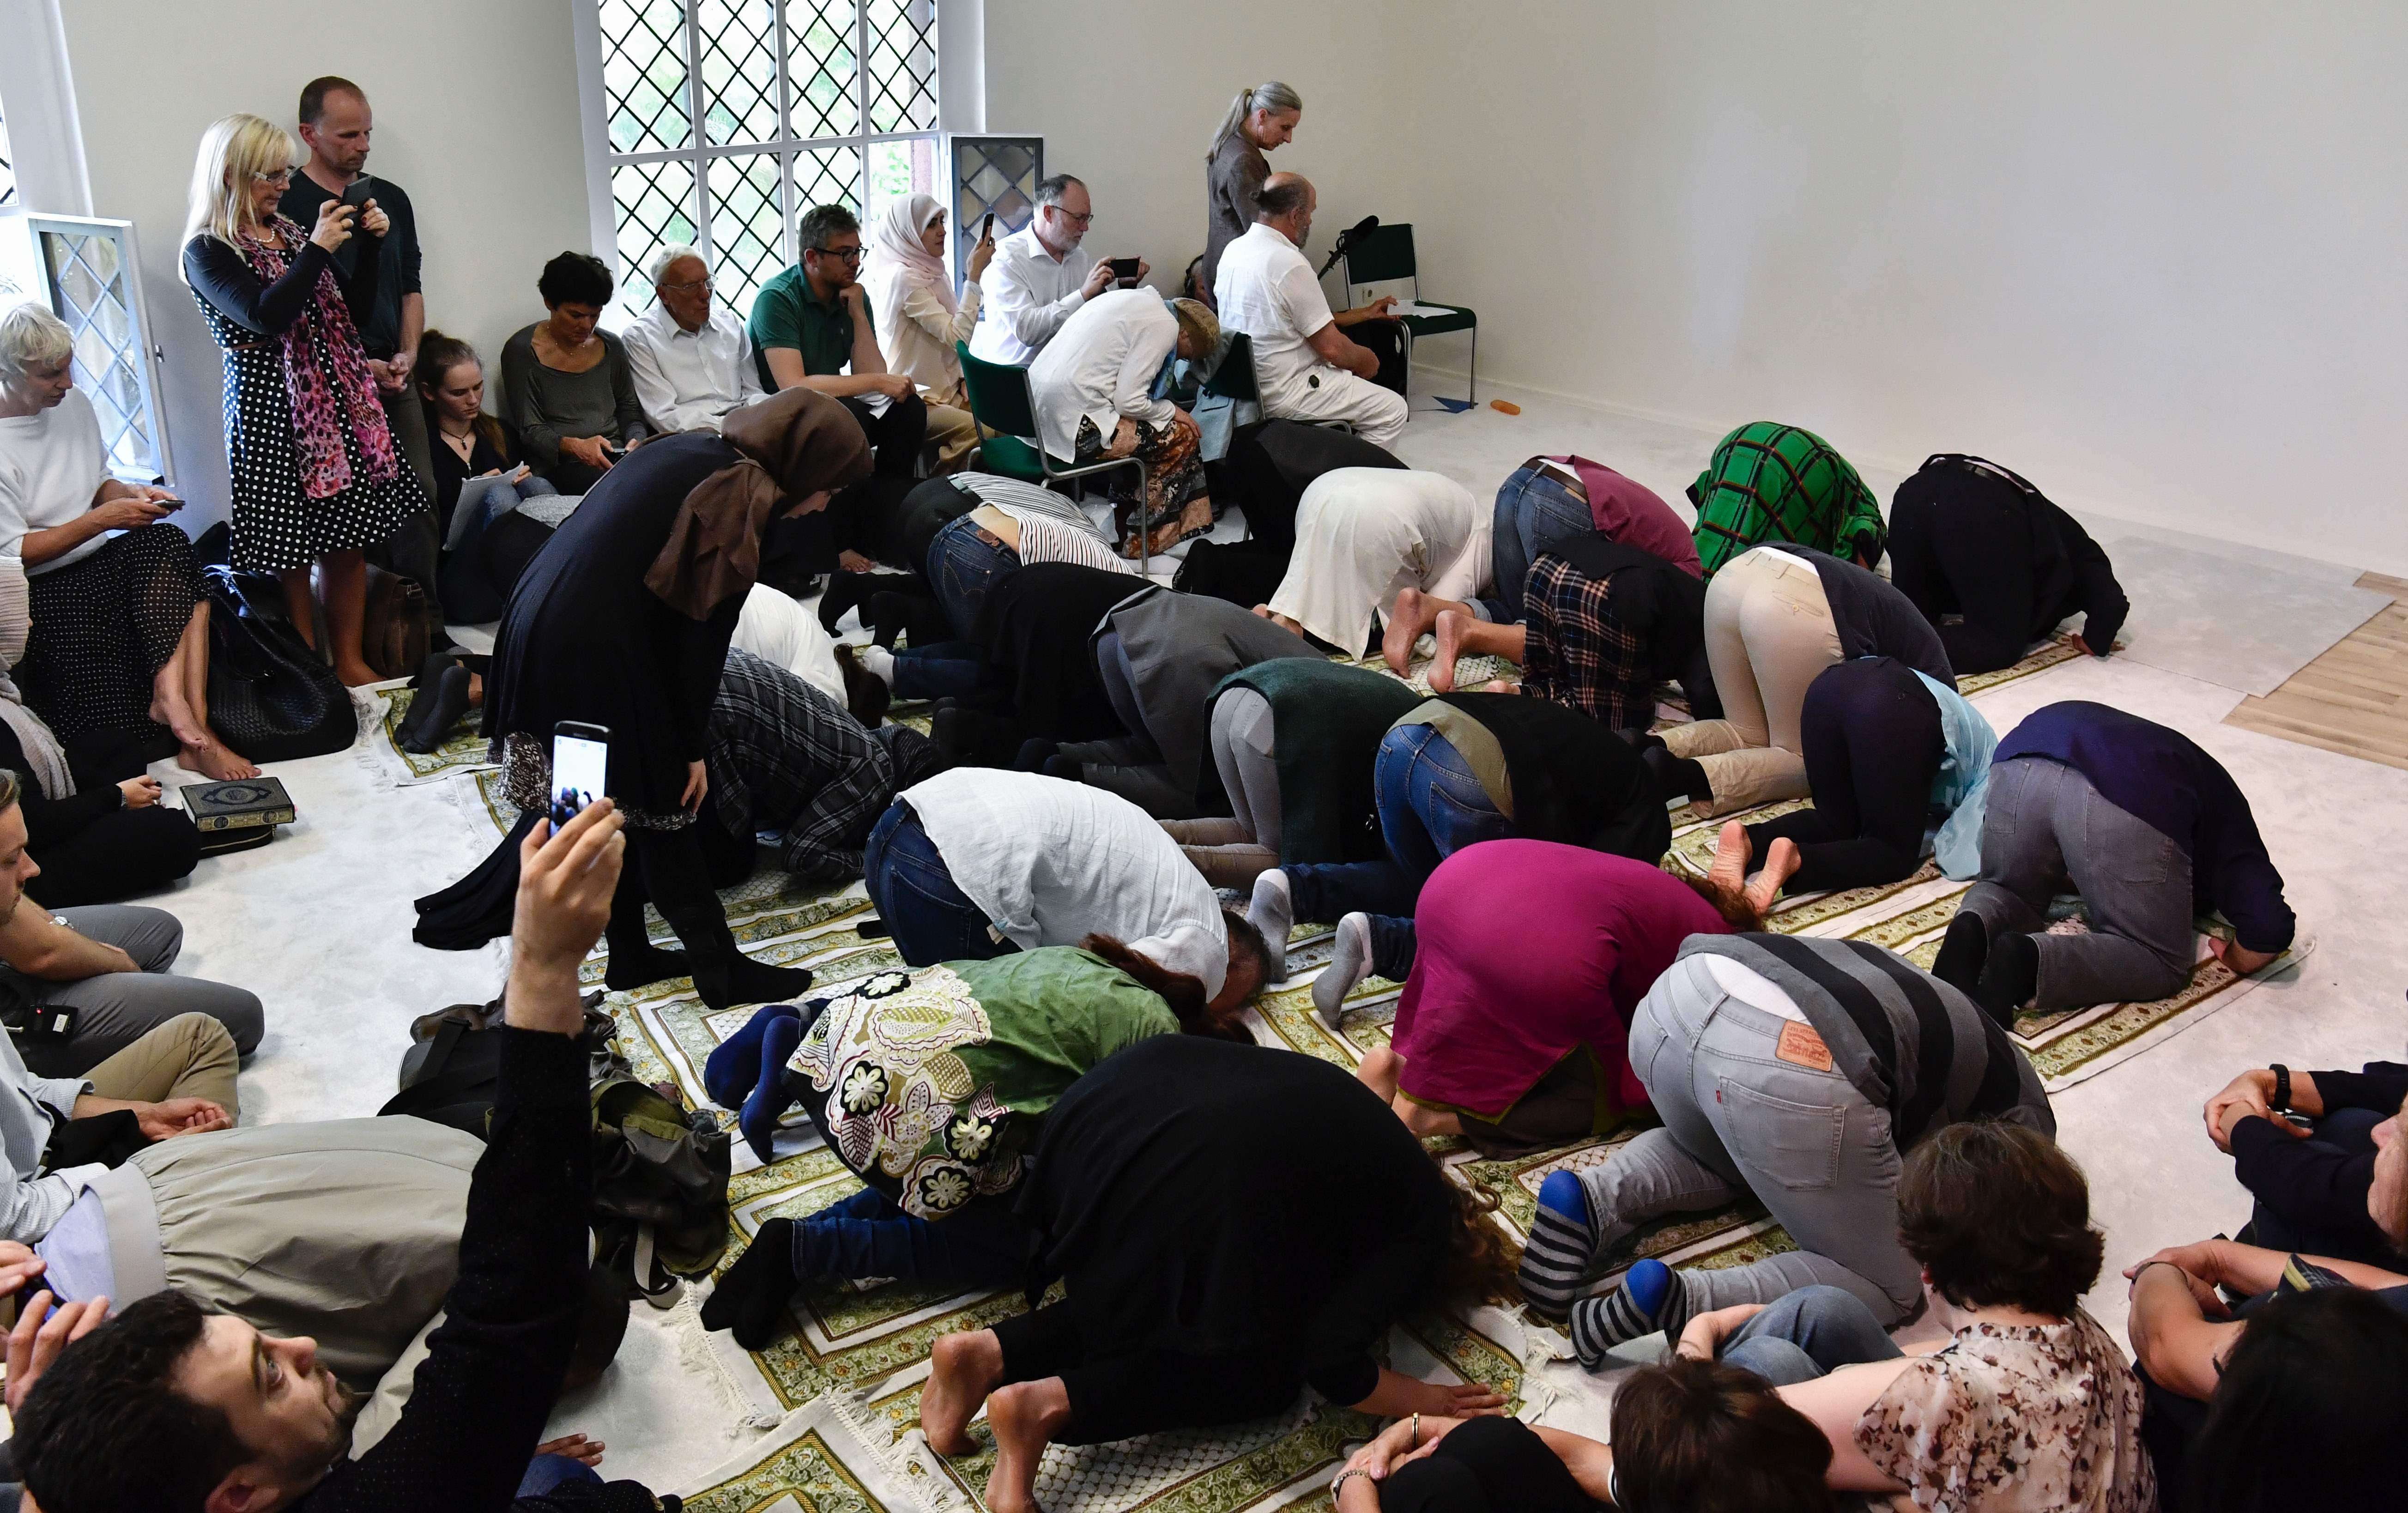 المصلين ساجدين أثناء أداء الصلاة فى المسجد الليبرالى